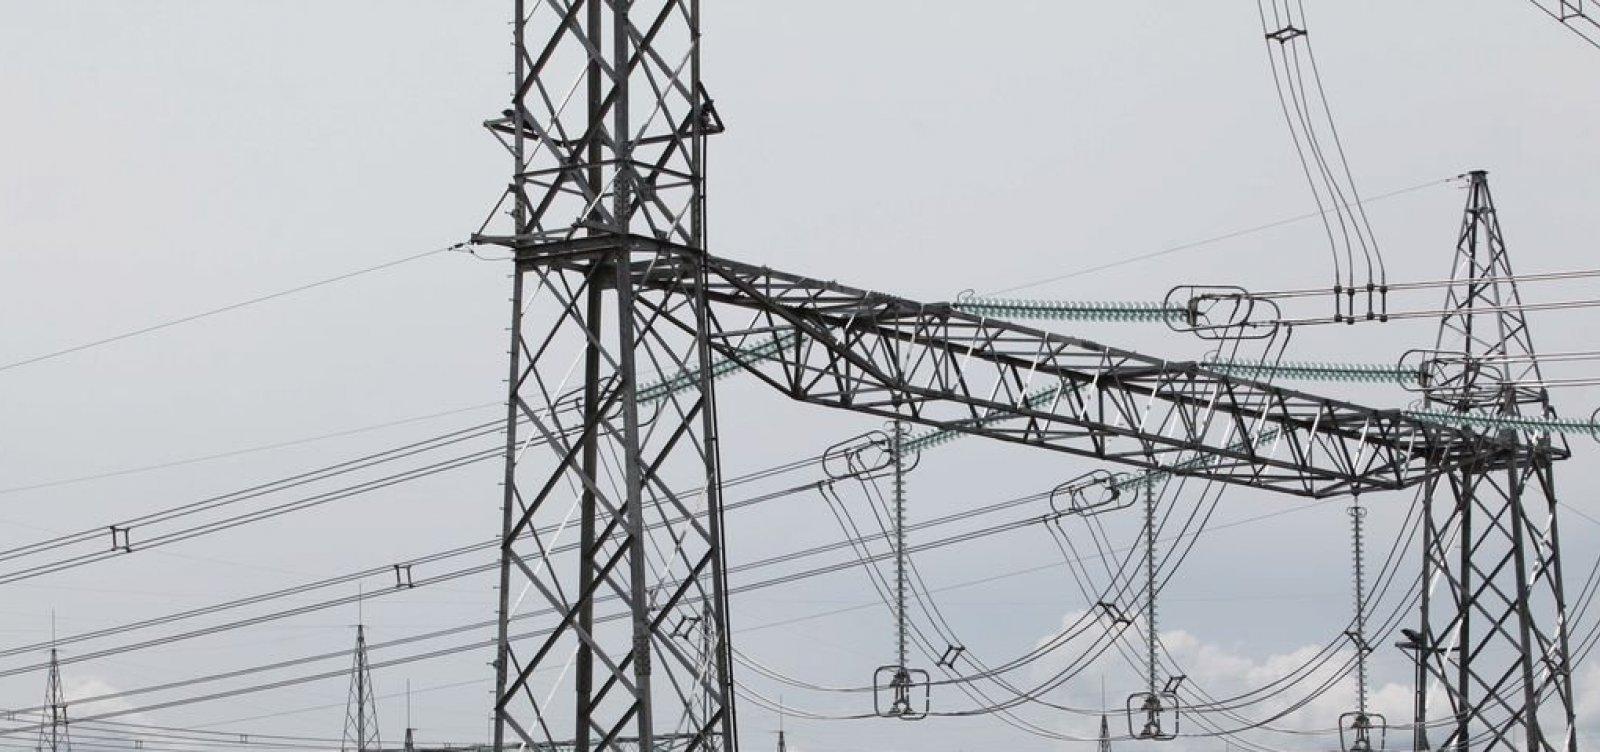 Aneel propõe devolver R$ 50,1 bilhões nas contas de energia em cinco anos